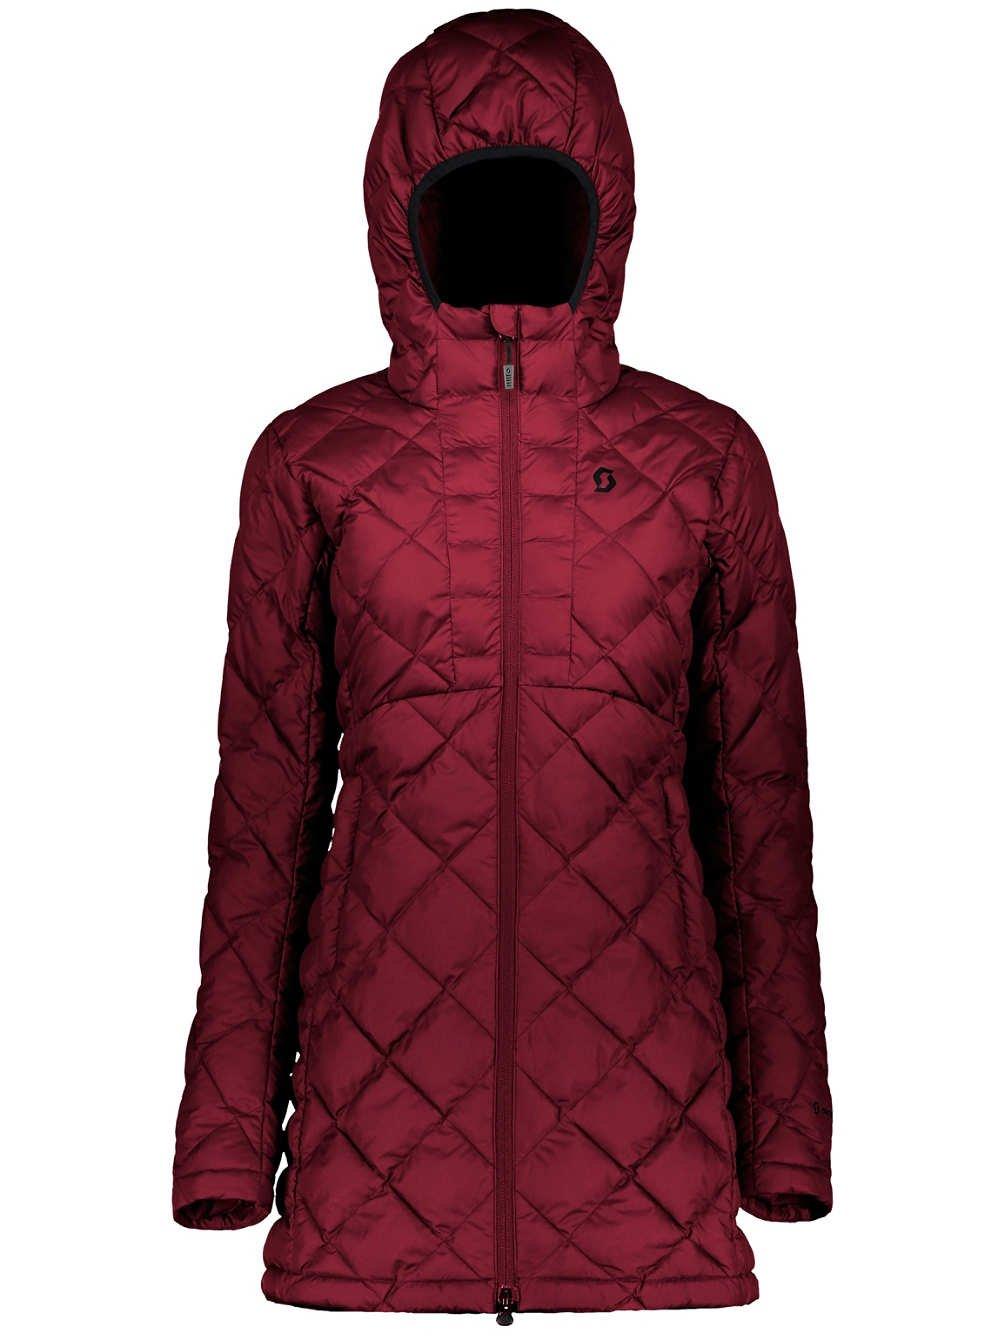 Scott 2619960001 – Chaqueta de esquí para mujer mahogany red melange L